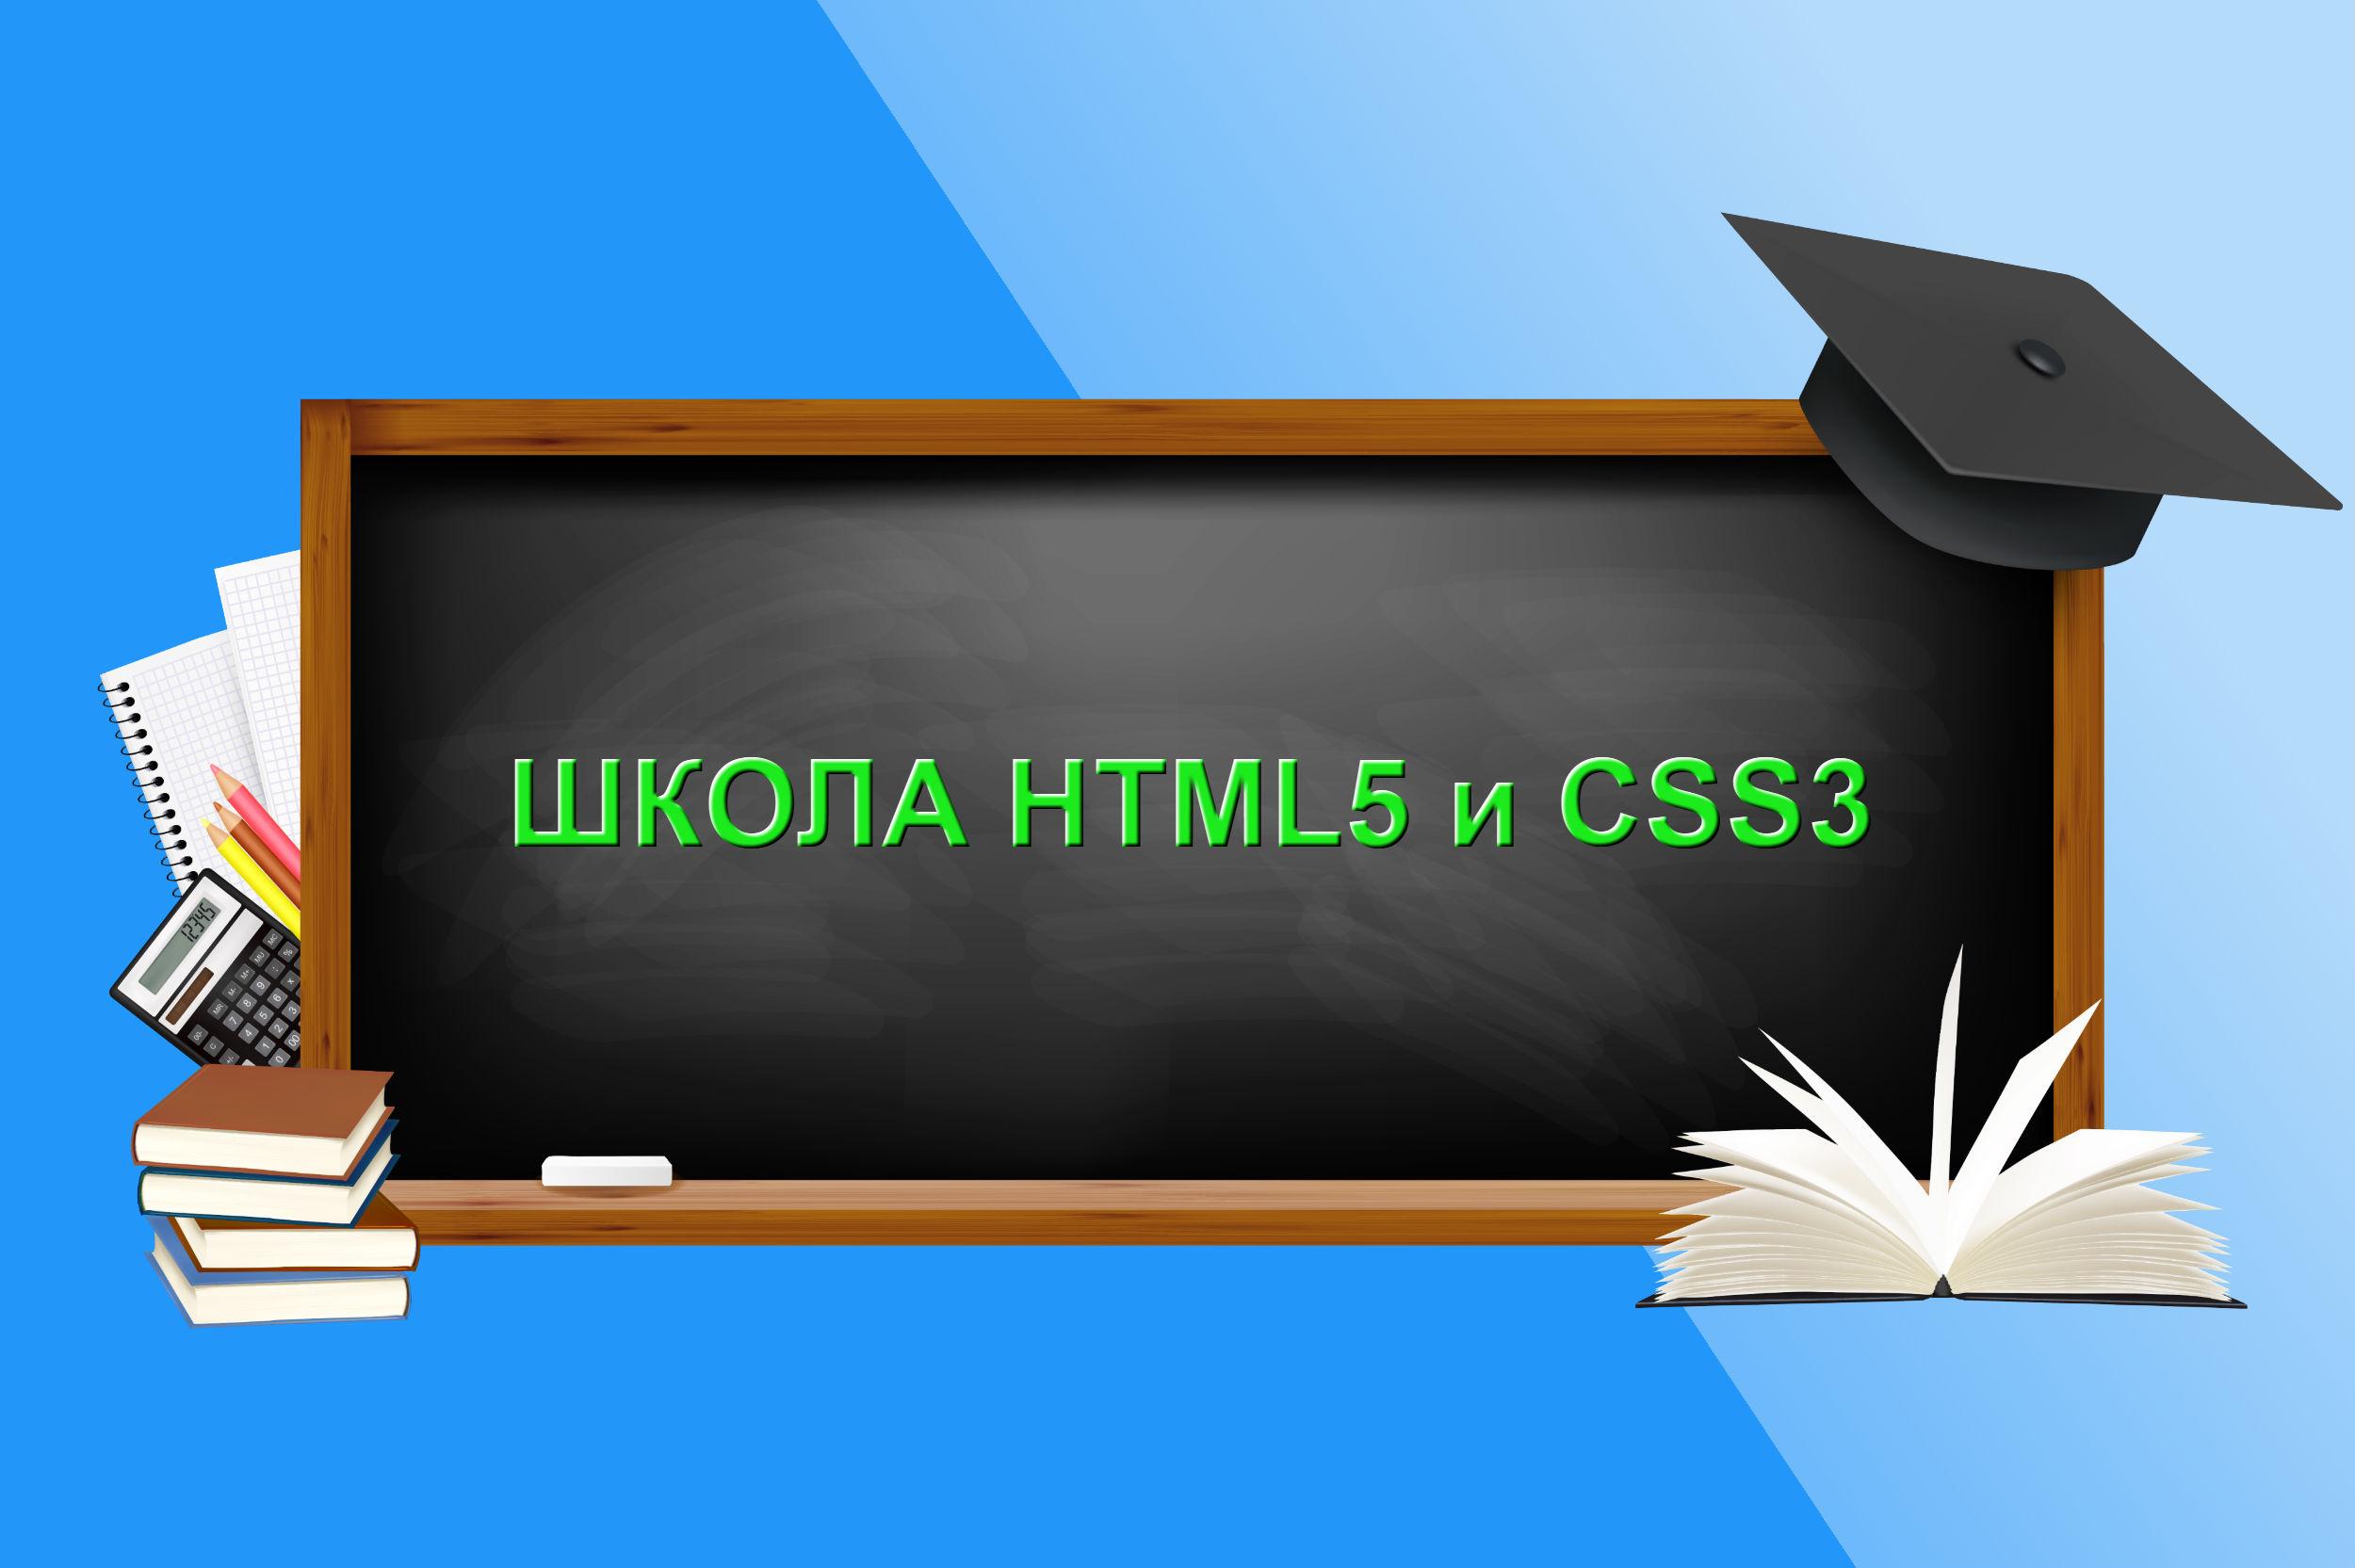 Обучение html5 css3